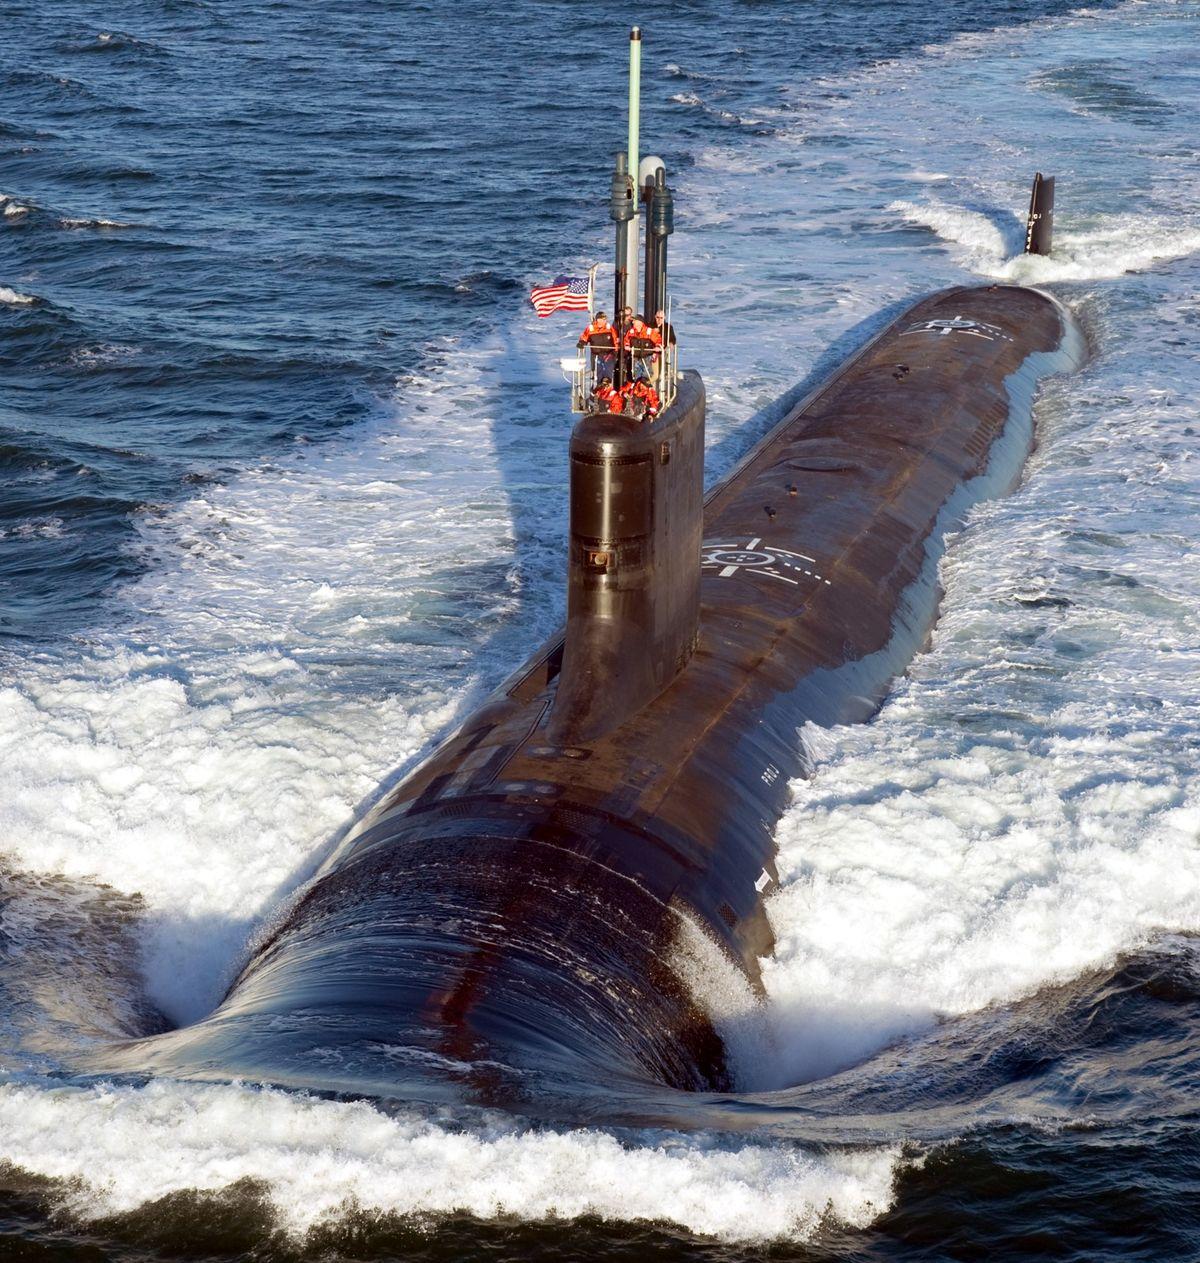 Le 4 avril dernier, la Marine américaine a mis en service l'USS Delaware SSN 791 © US Navy